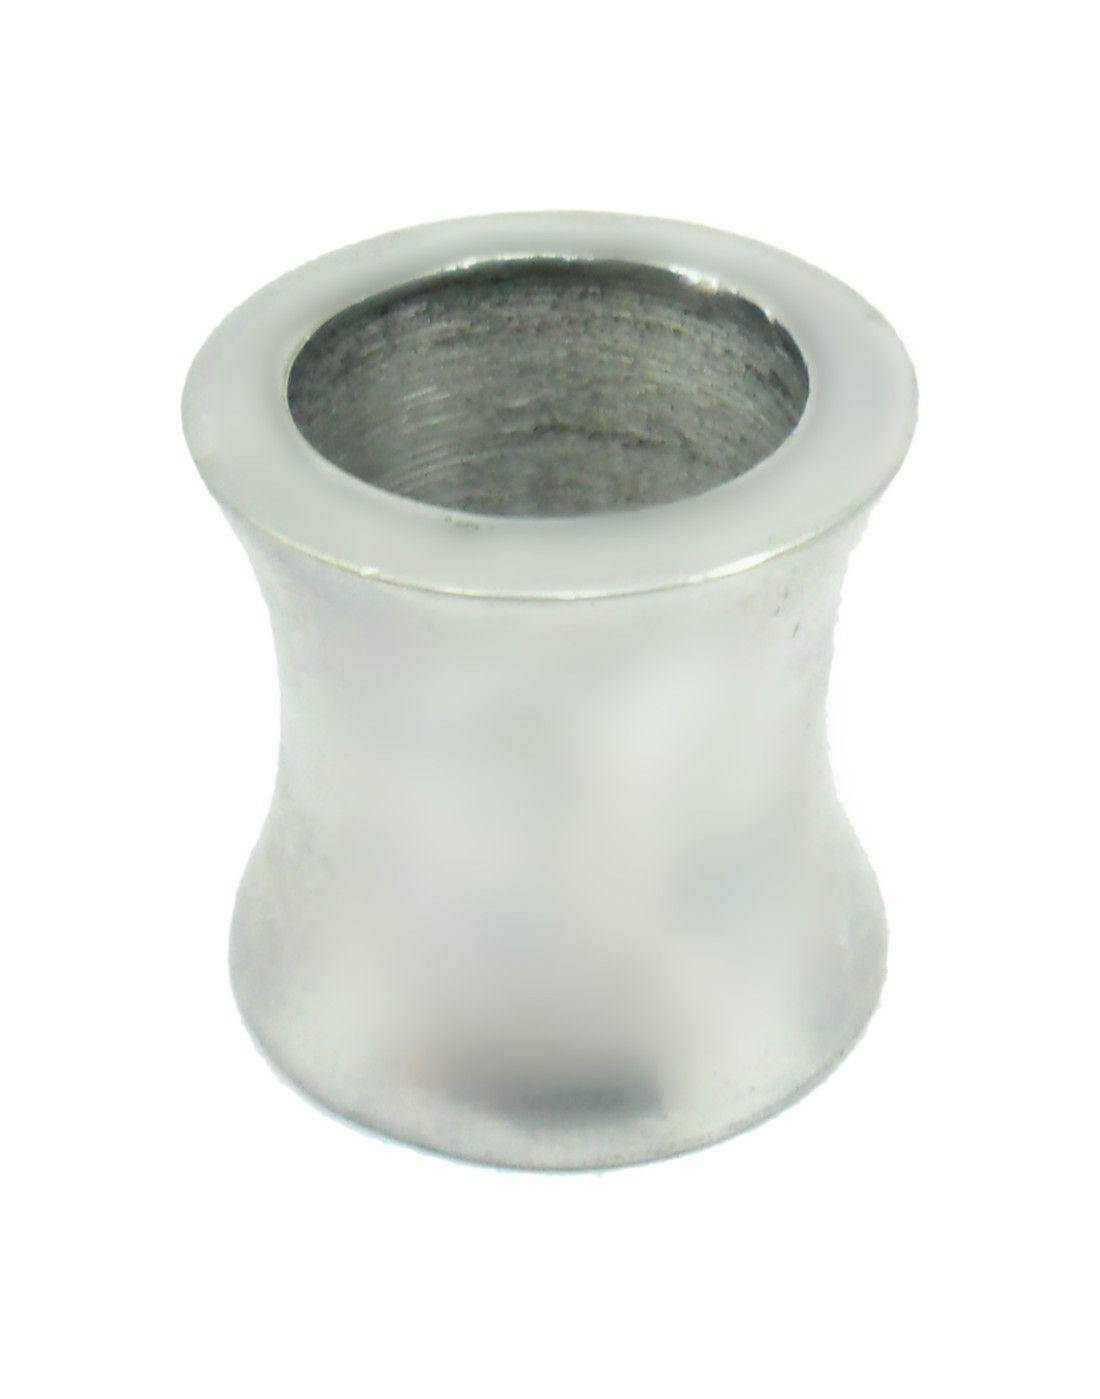 Adaptador para encaixar narguile em garrafa, em alumínio, pintura resistente. ADAPTADOR PARA GARRAFA